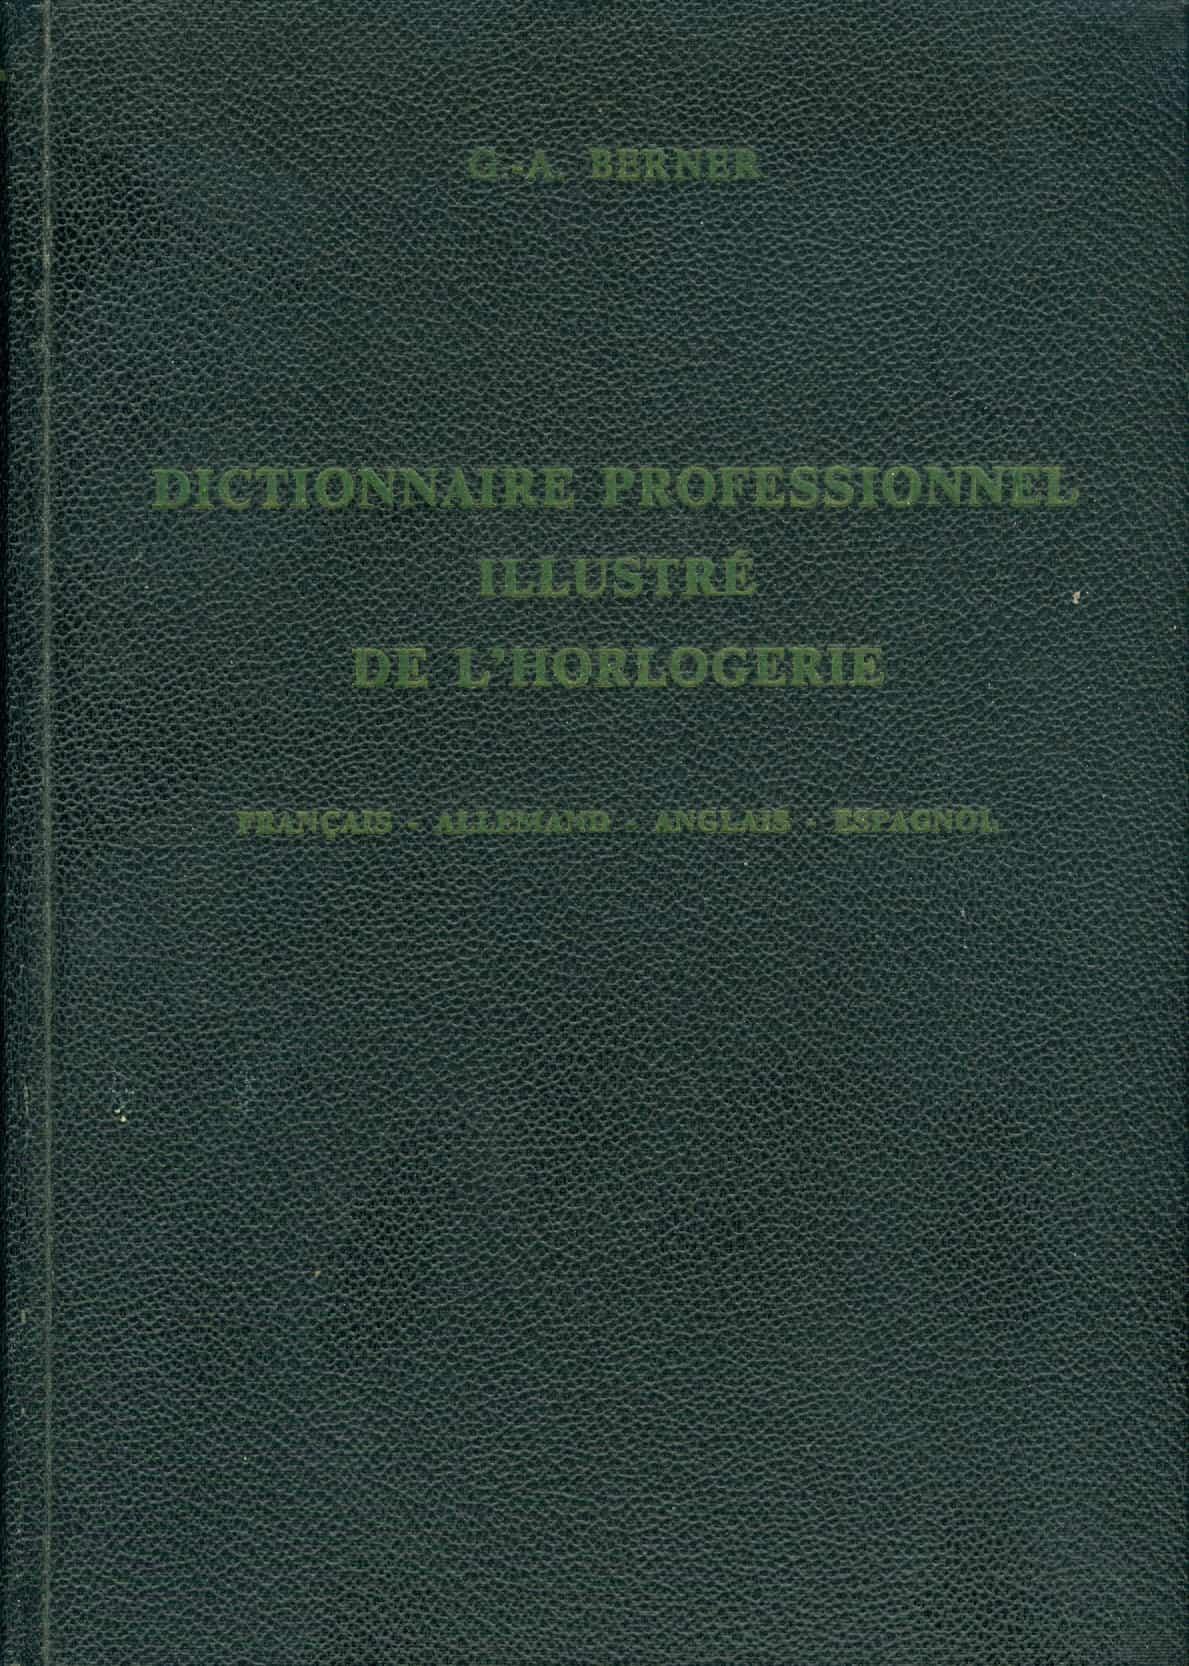 Das Standardwerk der Uhrmacherei von Georges-Albert Berner